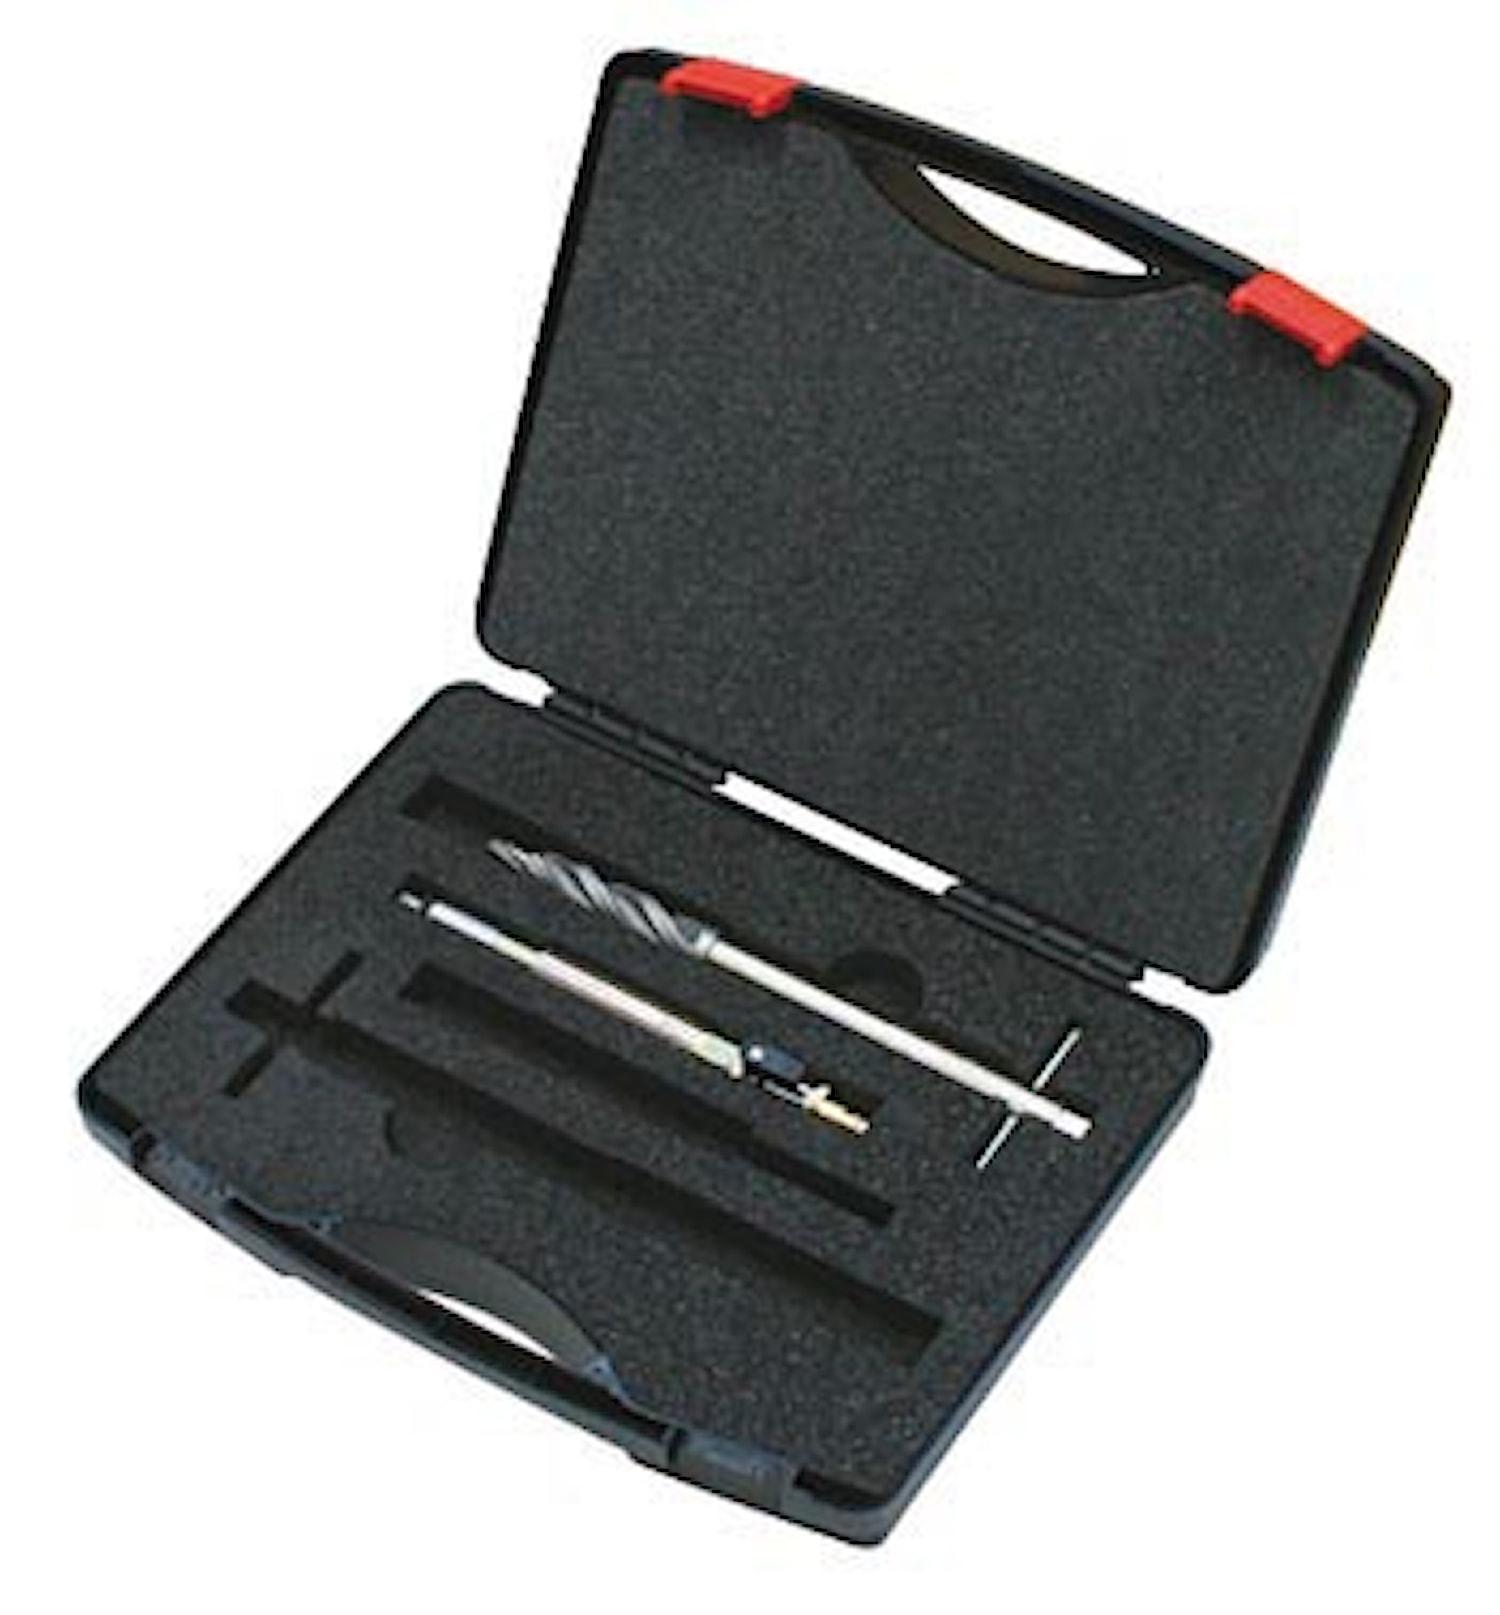 Rensverktyg för spridaresätet